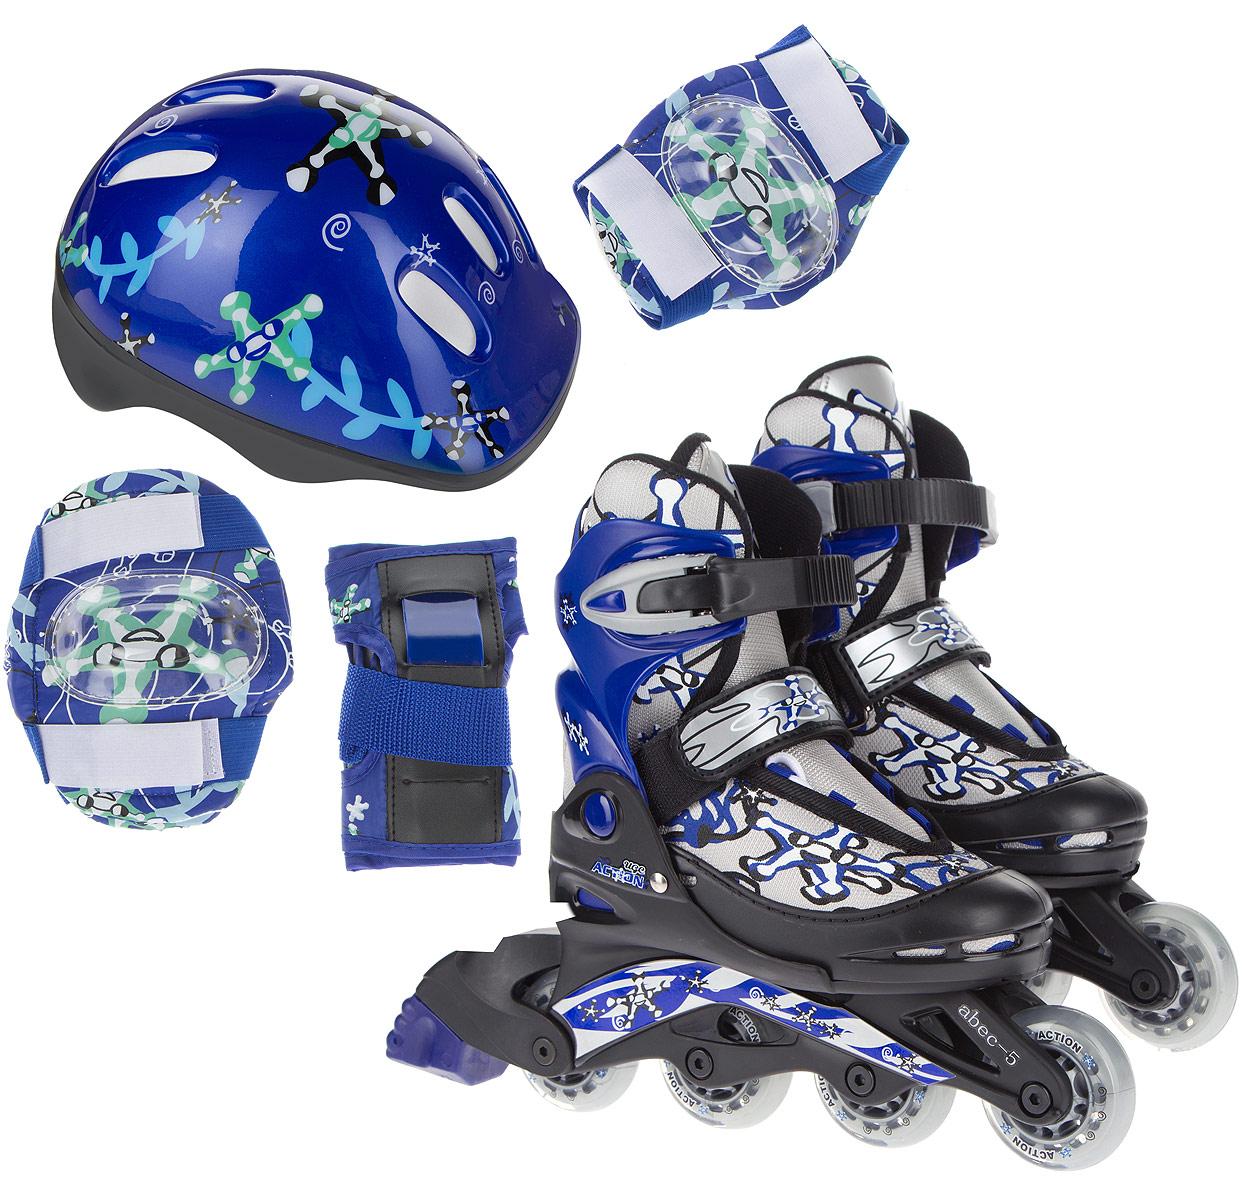 Набор Action: коньки роликовые, защита, шлем, цвет: синий, белый, черный. Размер 30/33. PW-780PW-780Набор для катания на роликах Action состоит из роликовых коньков, защиты (колени, локти, запястья) и шлема. Ботинок конька изготовлен из текстильного материла со вставкам из искусственной кожи, обеспечивающих максимальную вентиляцию ноги. Облегченная конструкция ботинка из пластика обеспечивает улучшенную боковую поддержку и полный контроль над движением. Изделие по верху декорировано оригинальным принтом. Подкладка из мягкого текстиля комфортна при езде. Стелька изготовлена из ЭВА материала с текстильной верхней поверхностью. Классическая шнуровка с ремнем на липучке обеспечивает плотное закрепление пятки. На голенище модель фиксируется клипсой с фиксатором. Прочная рама из полипропилена отлично передает усилие ноги и позволяет быстро разгоняться. Полиуретановые колеса обеспечат плавное и бесшумное движение. Износостойкие подшипники класса ABEC-5 наименее восприимчивы к попаданию влаги и песка. Задник оснащен широкой текстильной петлей, благодаря которой изделие удобно обувать.Верх шлема, оформленный ярким принтом, выполнен из поливинилхлорида, внутренняя часть - из пенополистирола. Отверстия предназначены для лучшей вентиляции. В комплект входят элементы защиты локтей, коленей и запястий. Основание выполнено из нейлона. Защитные накладки у подлокотников и наколенников исполнены из поливинилхлорида, а защитные накладки для запястий - из искусственной кожи и поливинилхлорида.Набор изначально выполнен в одной стилистике и прекрасно смотрится как целиком, так и по отдельности. Кроме того, вам не придется искать сумку для переноски и хранения - набор уже поставляется в специальном рюкзачке из цветной ткани с демонстрационным окошком, который выполнен из нейлоновой сетки.В комплект входят два угловых шестигранных ключа.